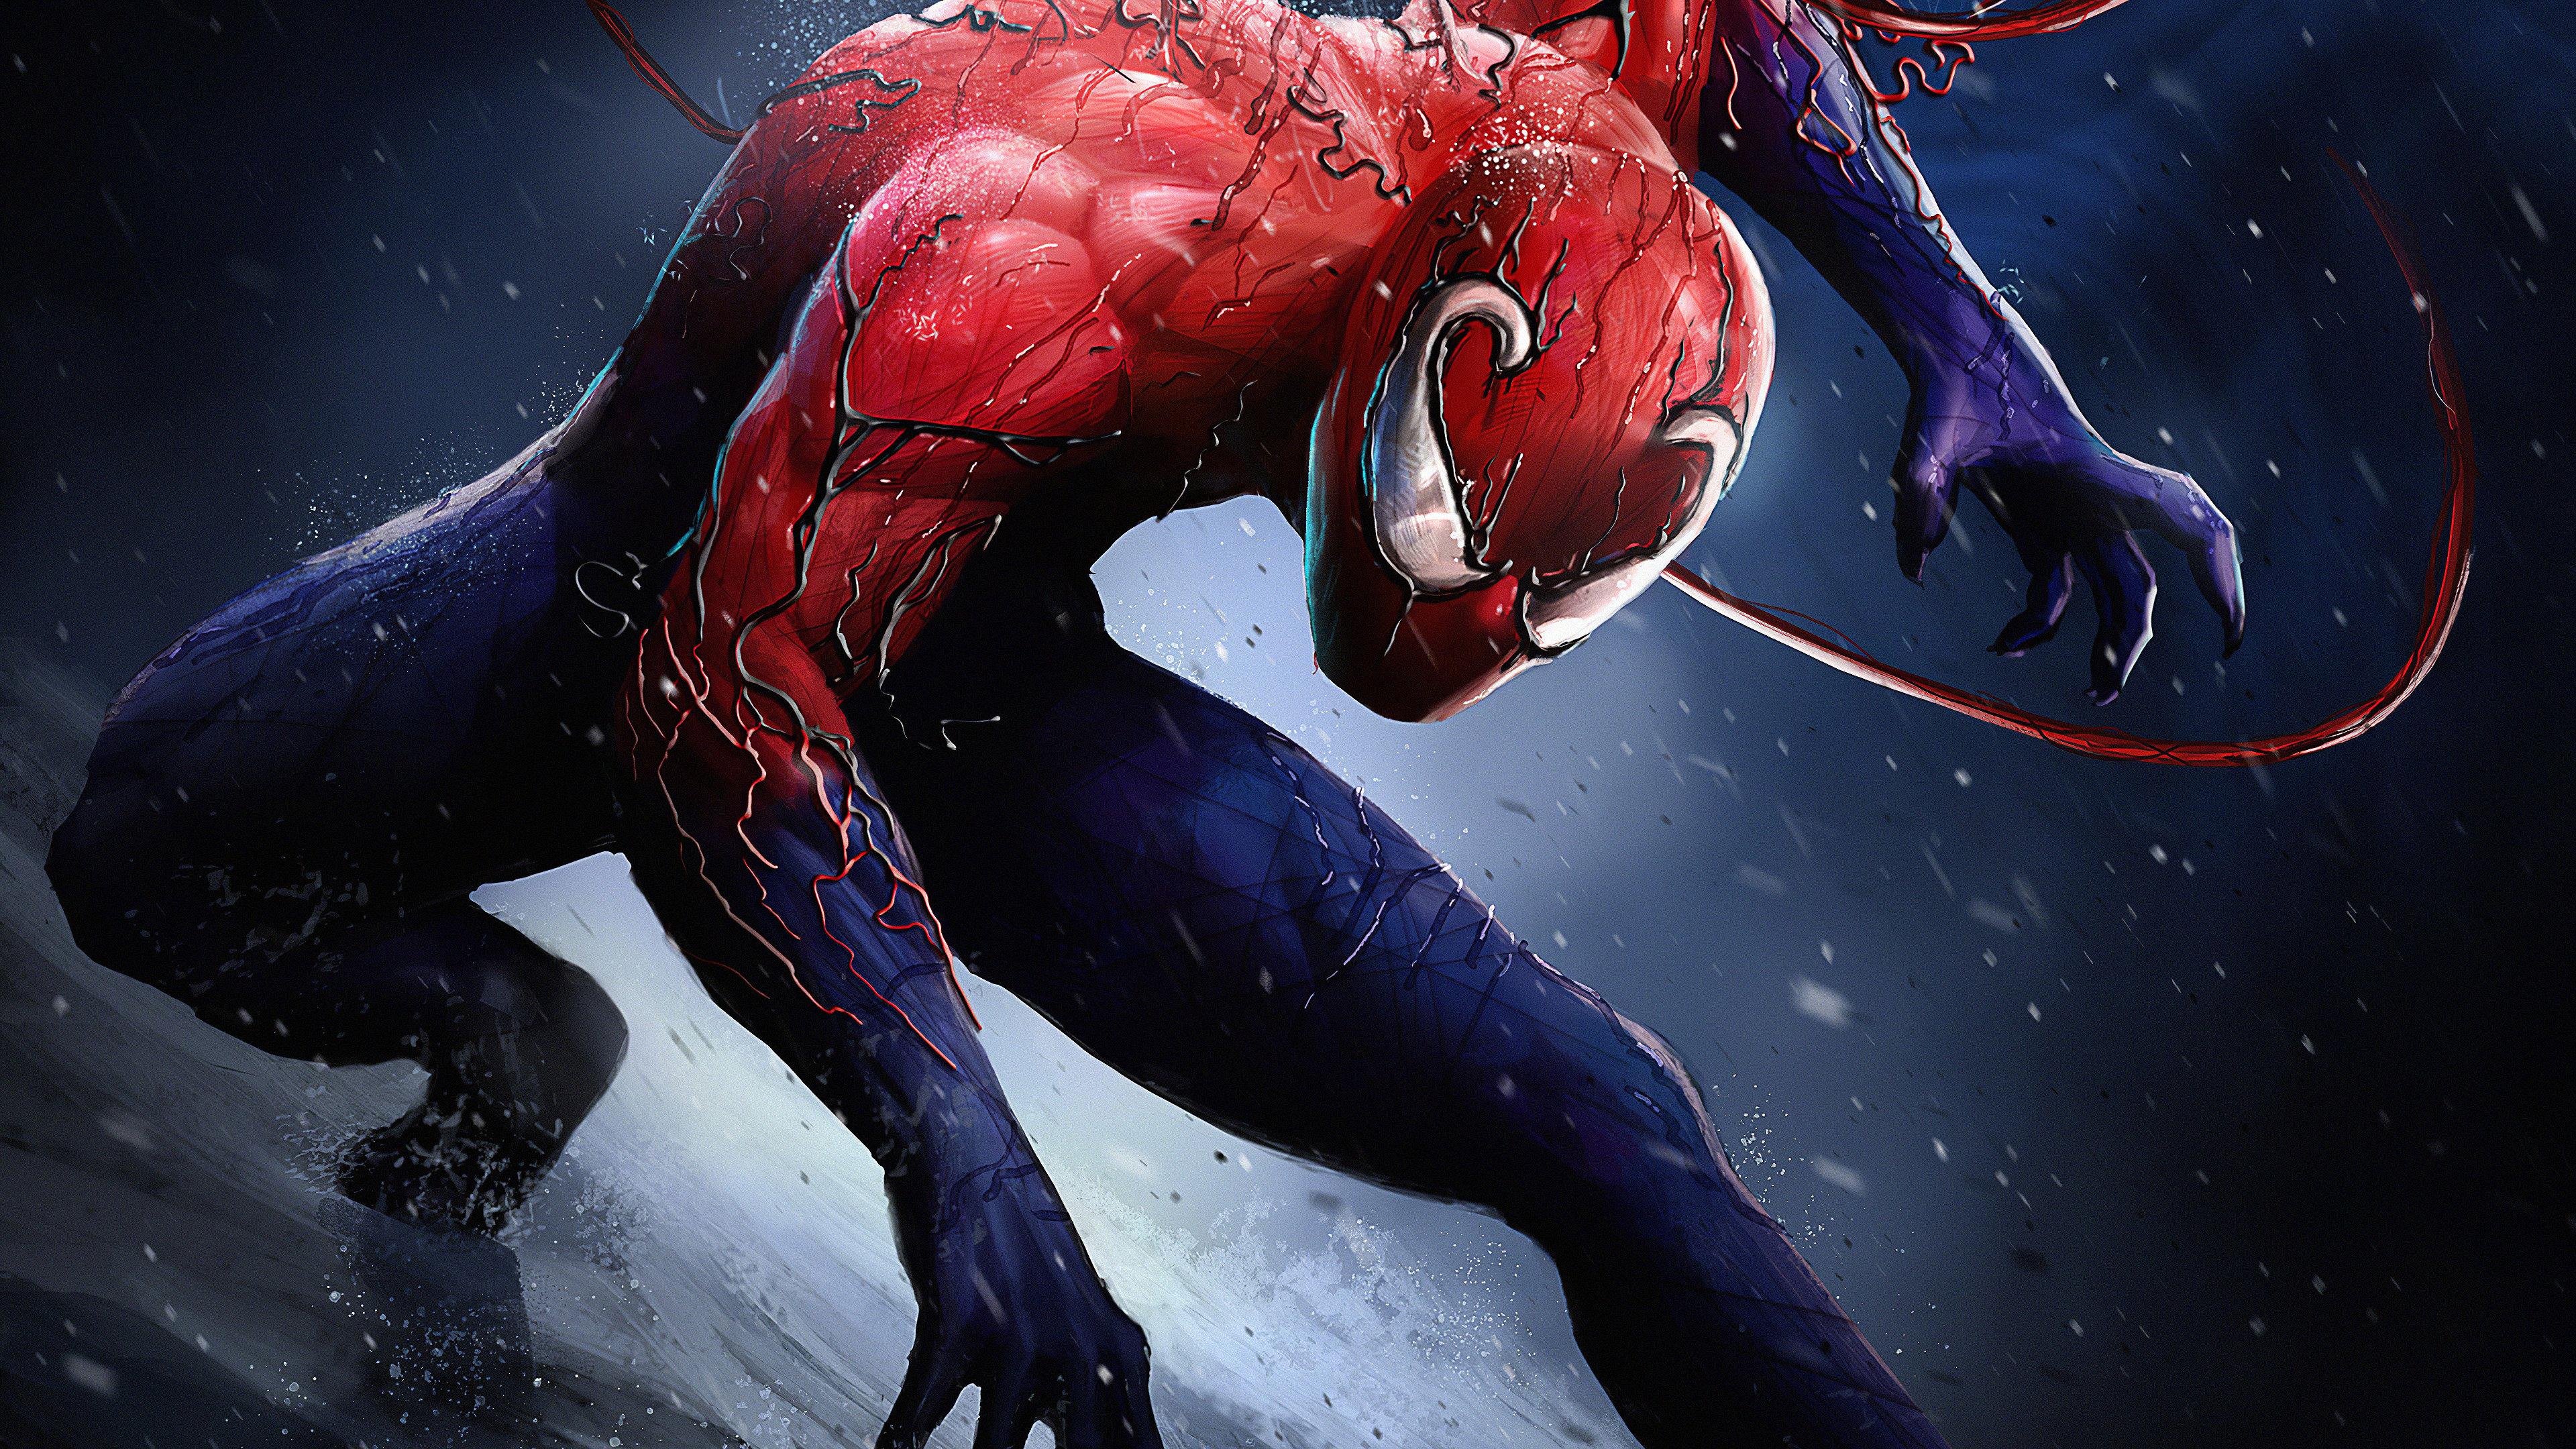 Fondos de pantalla Spiderman Tokin Dark Hearts